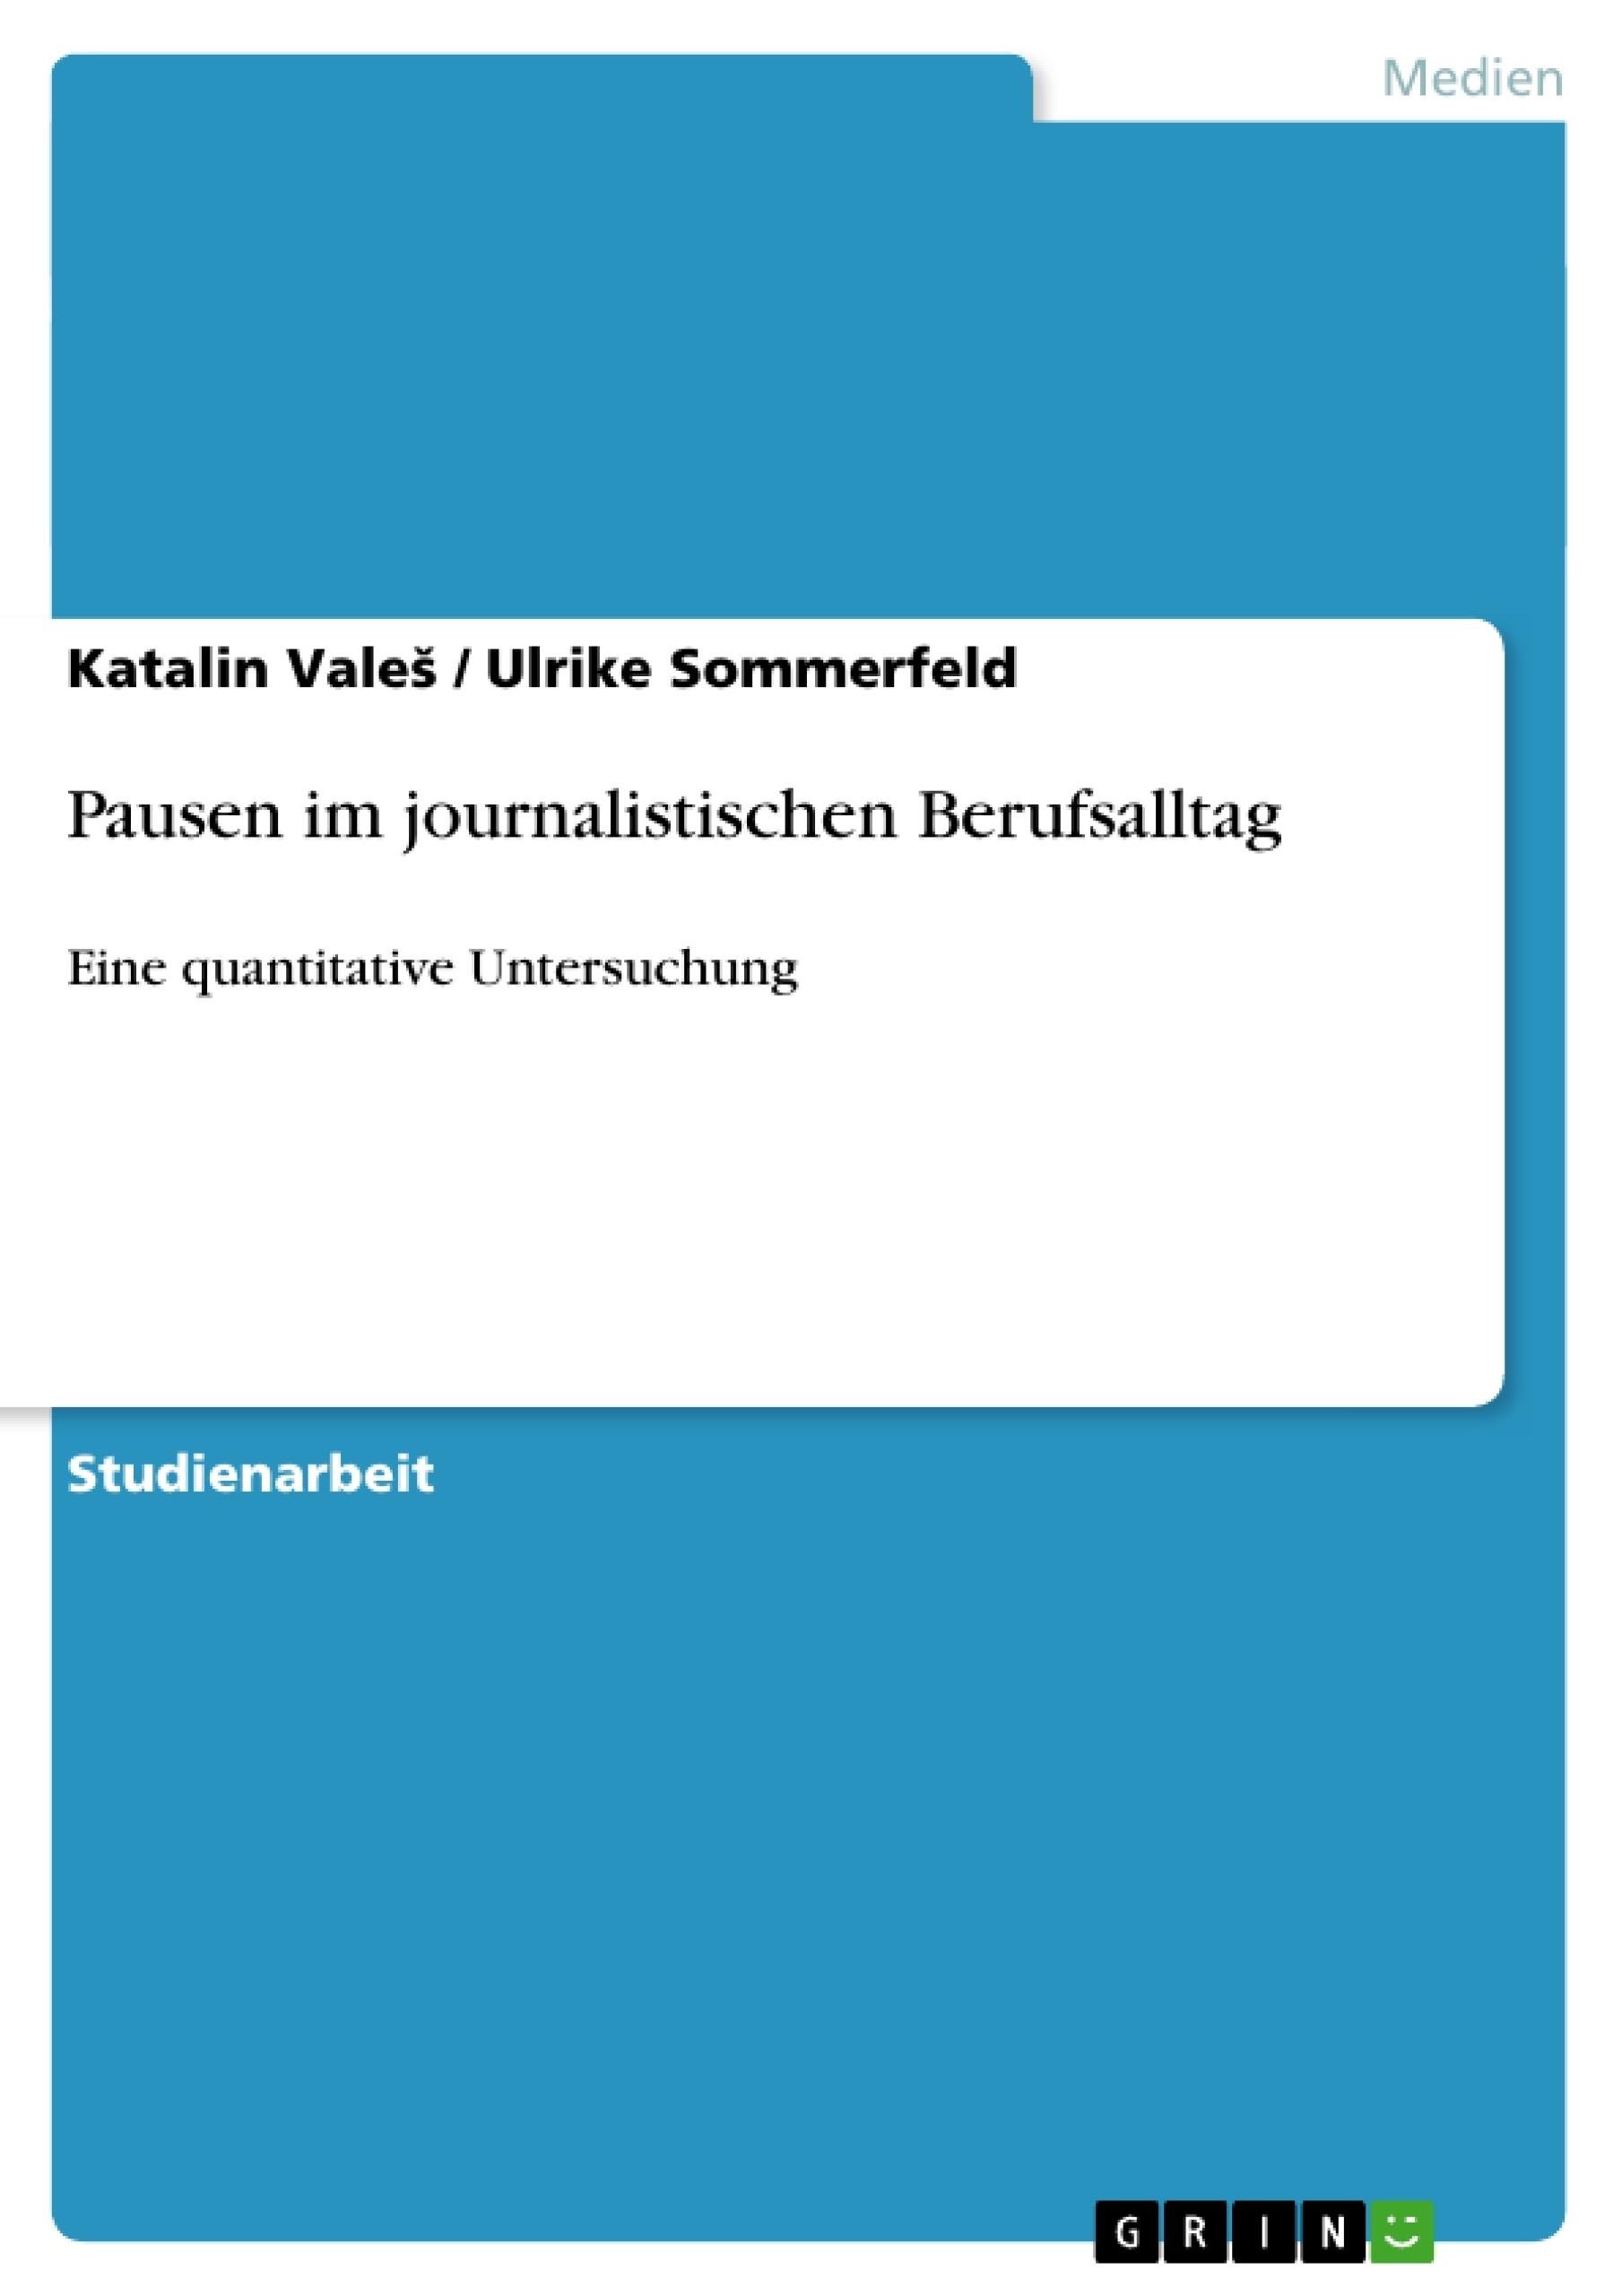 Pausen im journalistischen Berufsalltag | Masterarbeit, Hausarbeit ...